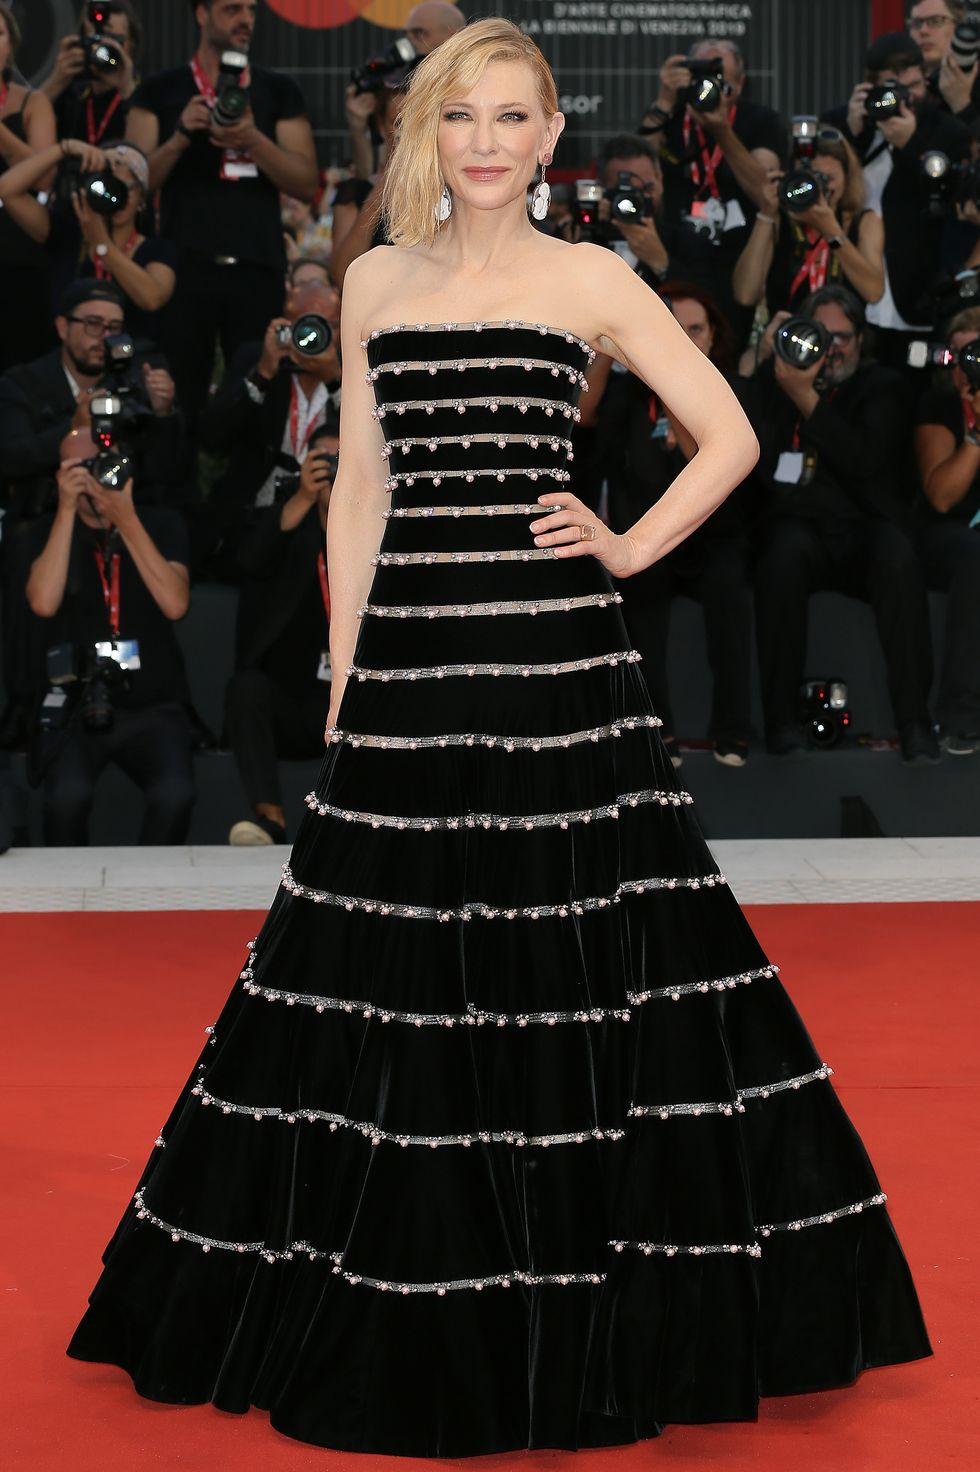 كايت بلانشيت في فستان من ارماني بريفيه